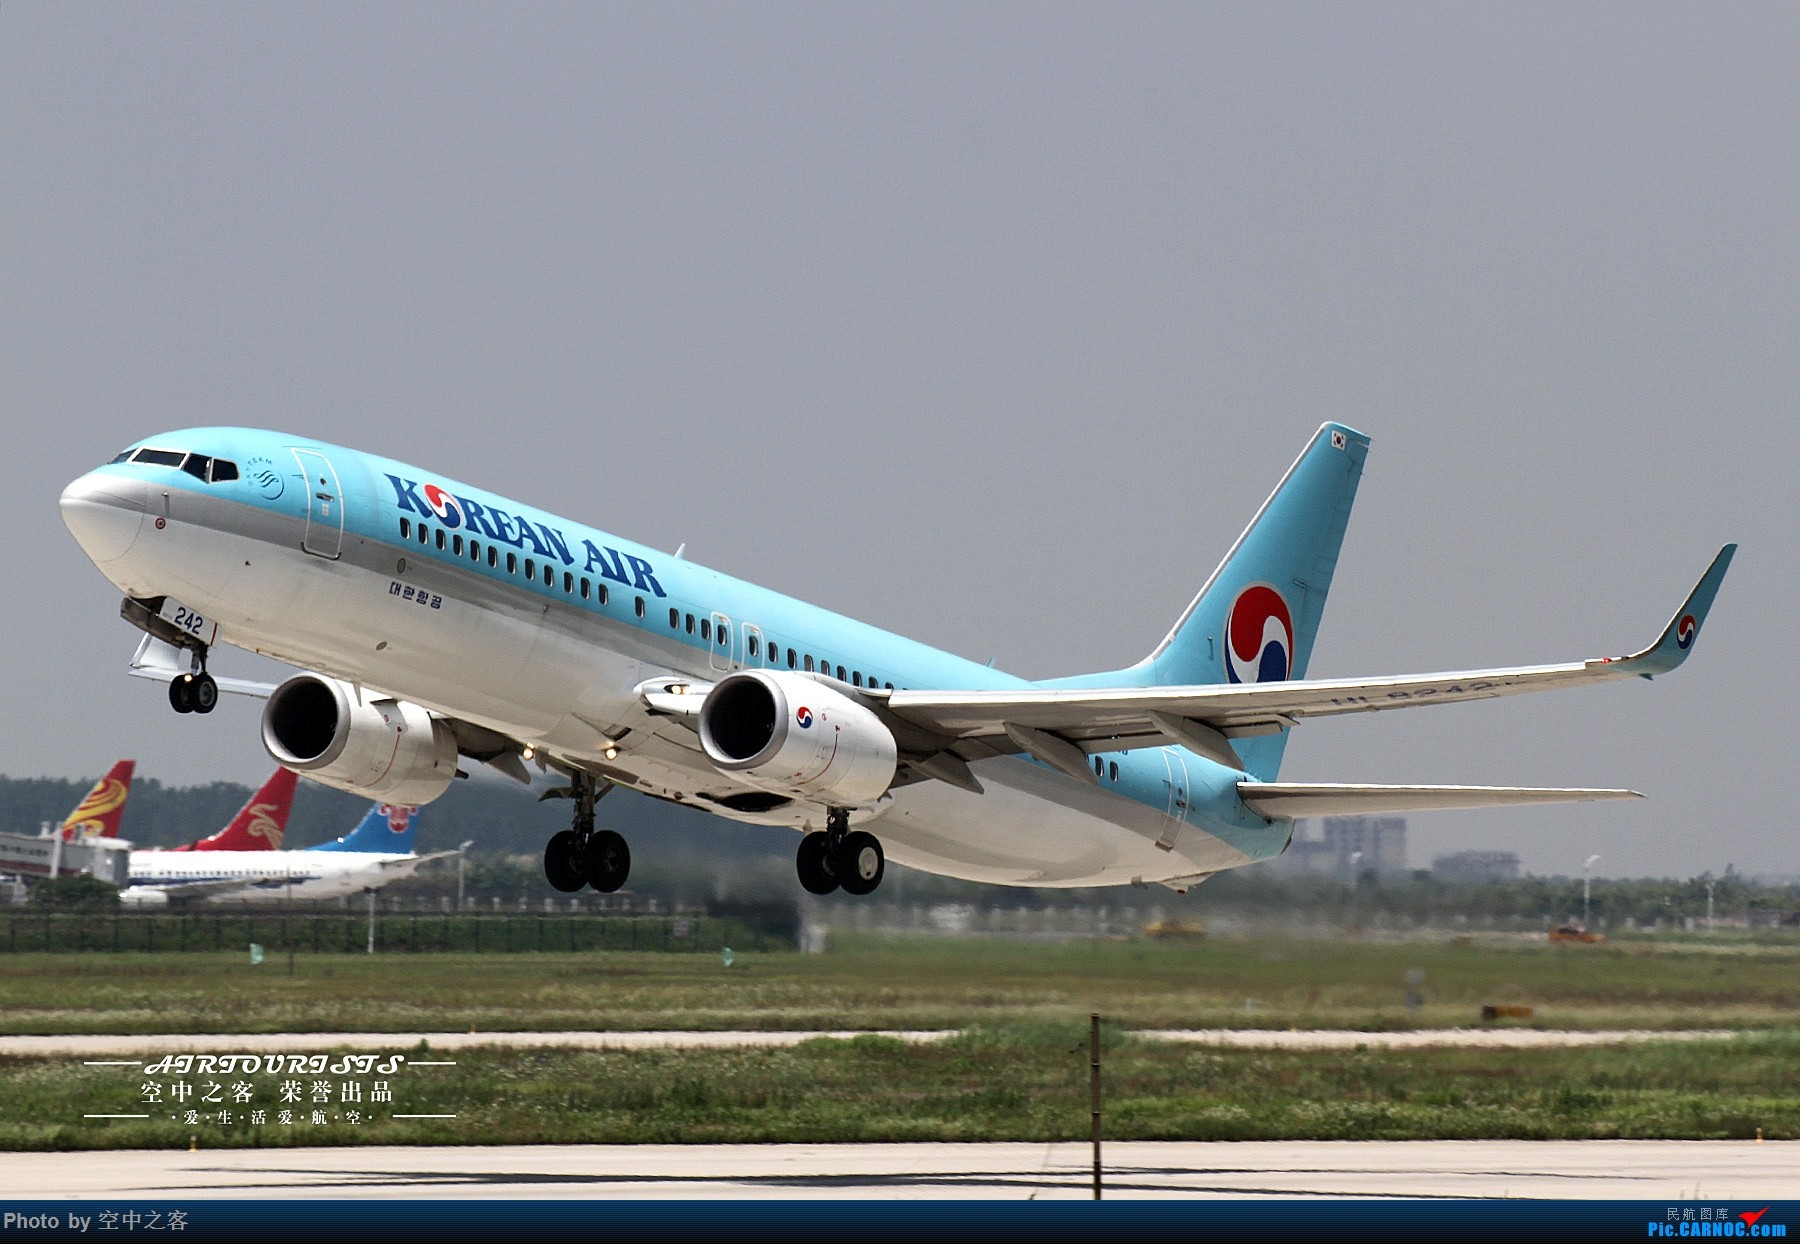 Re:[原创][合肥飞友会·霸都打机队 空中之客出品]少有的周末大晴天 来一场说走就走的拍机(1) BOEING 737-800 HL-8242 合肥新桥国际机场